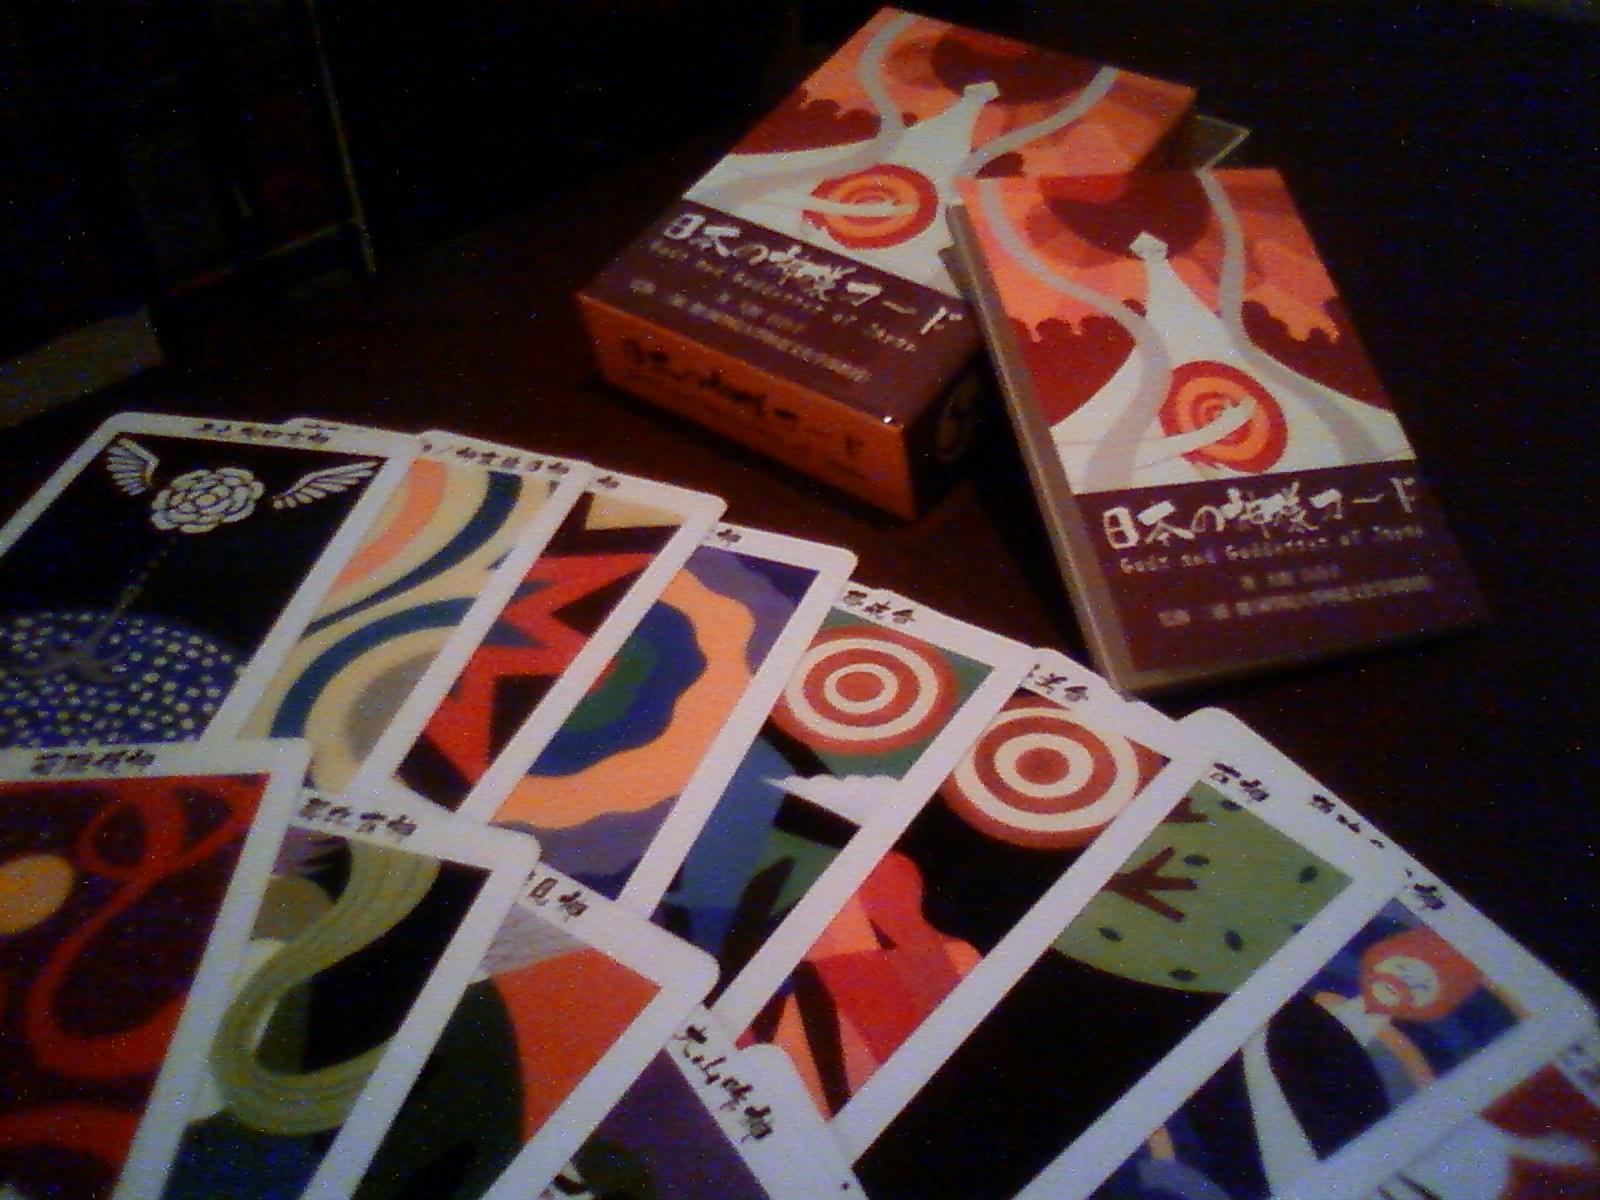 「日本の神様カード」